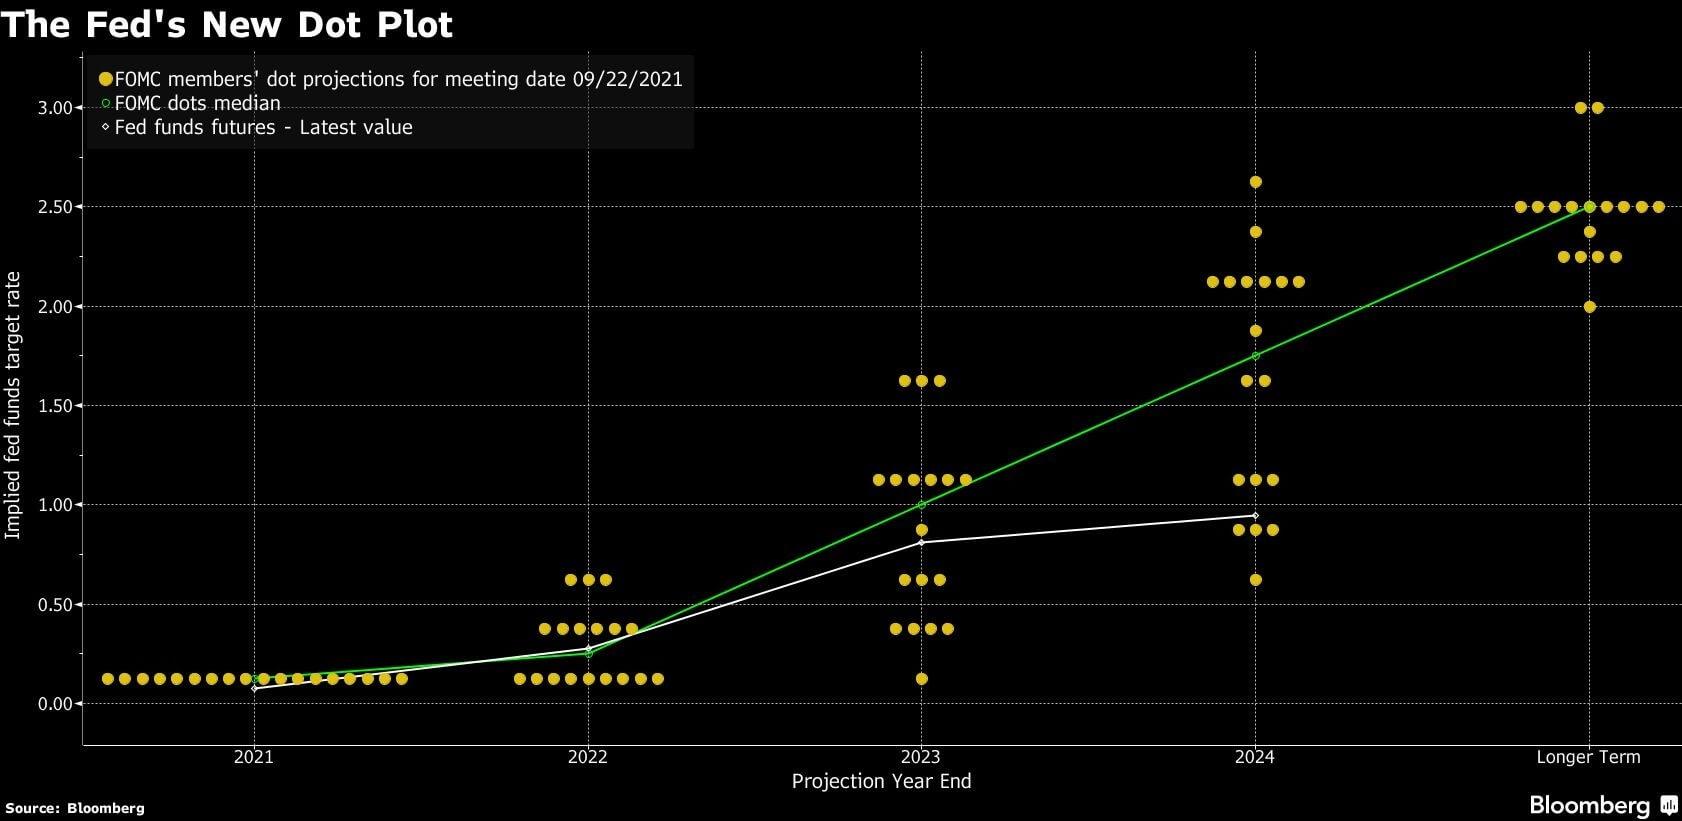 Kropkowy wykres przedstawiający poglądy członków FOMC